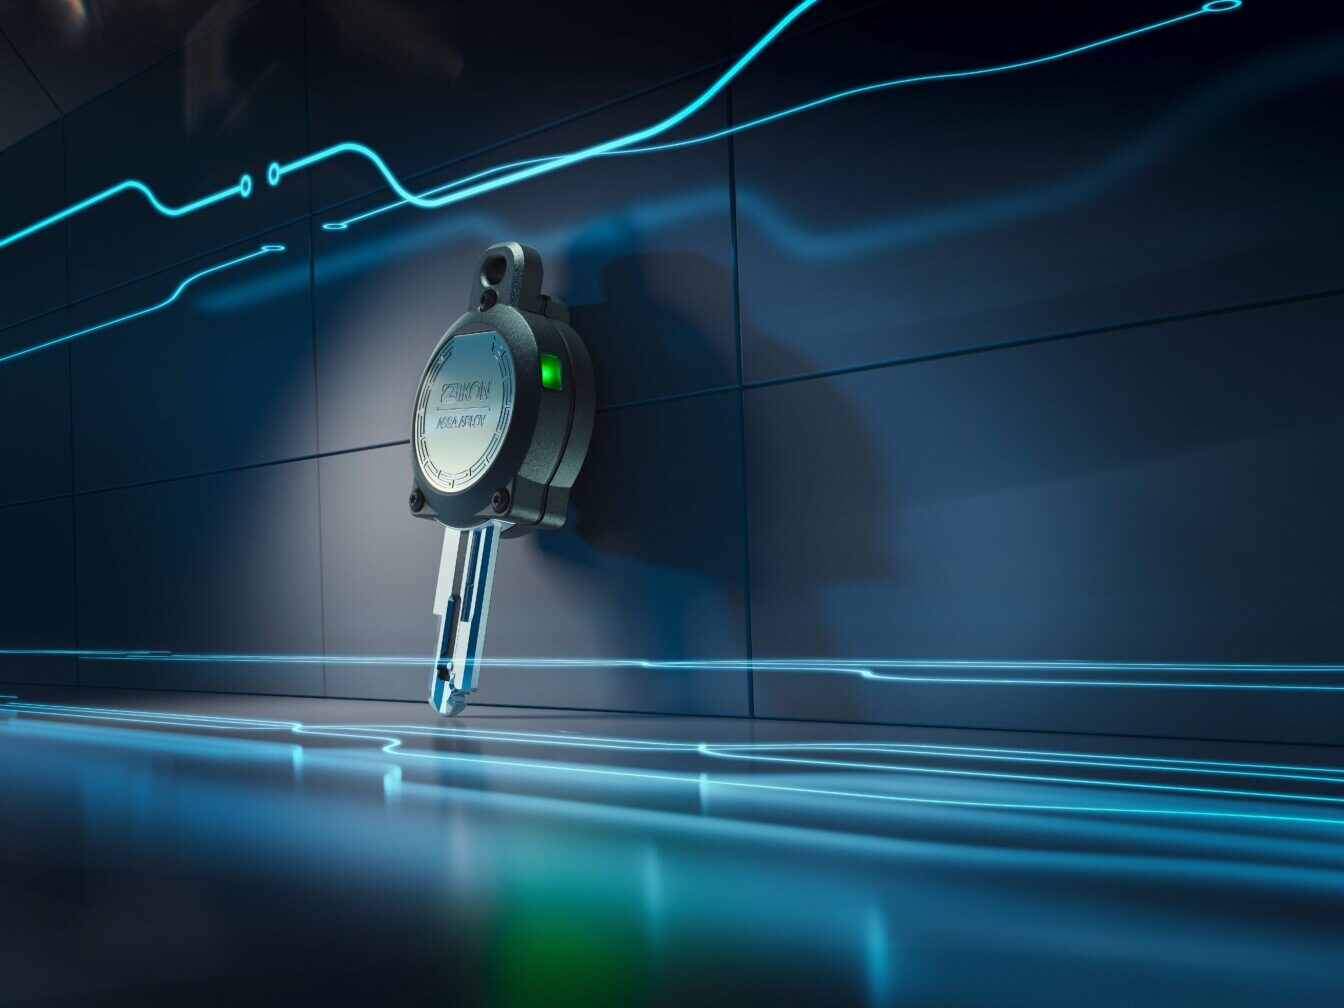 Erzeugt seine Energie selbst - Weltweit erster autarker eCLIQ-Schlüssel von IKON auf dem Markt